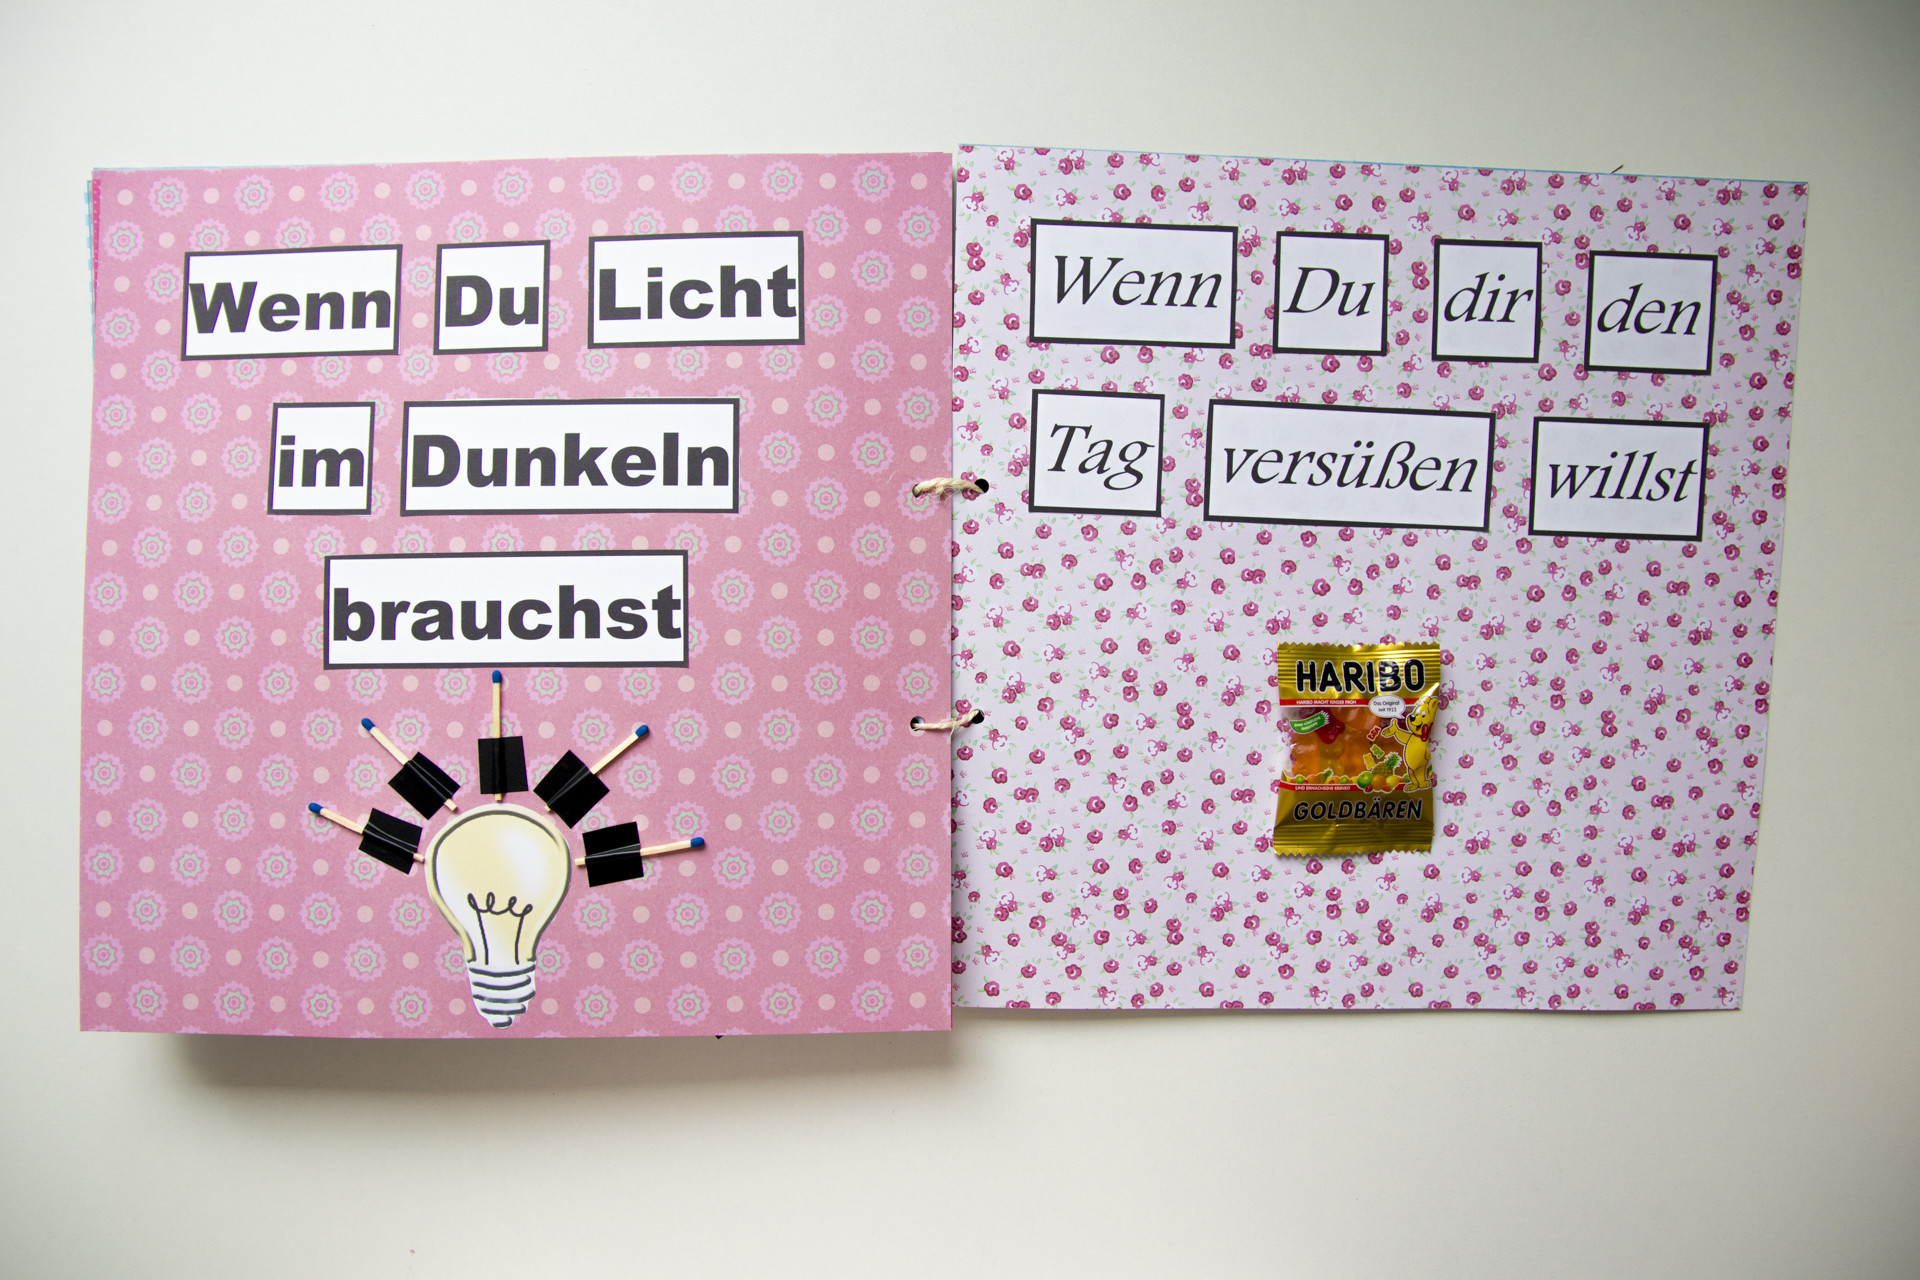 Geschenke Für Beste Freunde  Wenn Buch für Beste Freundin Ideen und Sprüche auf